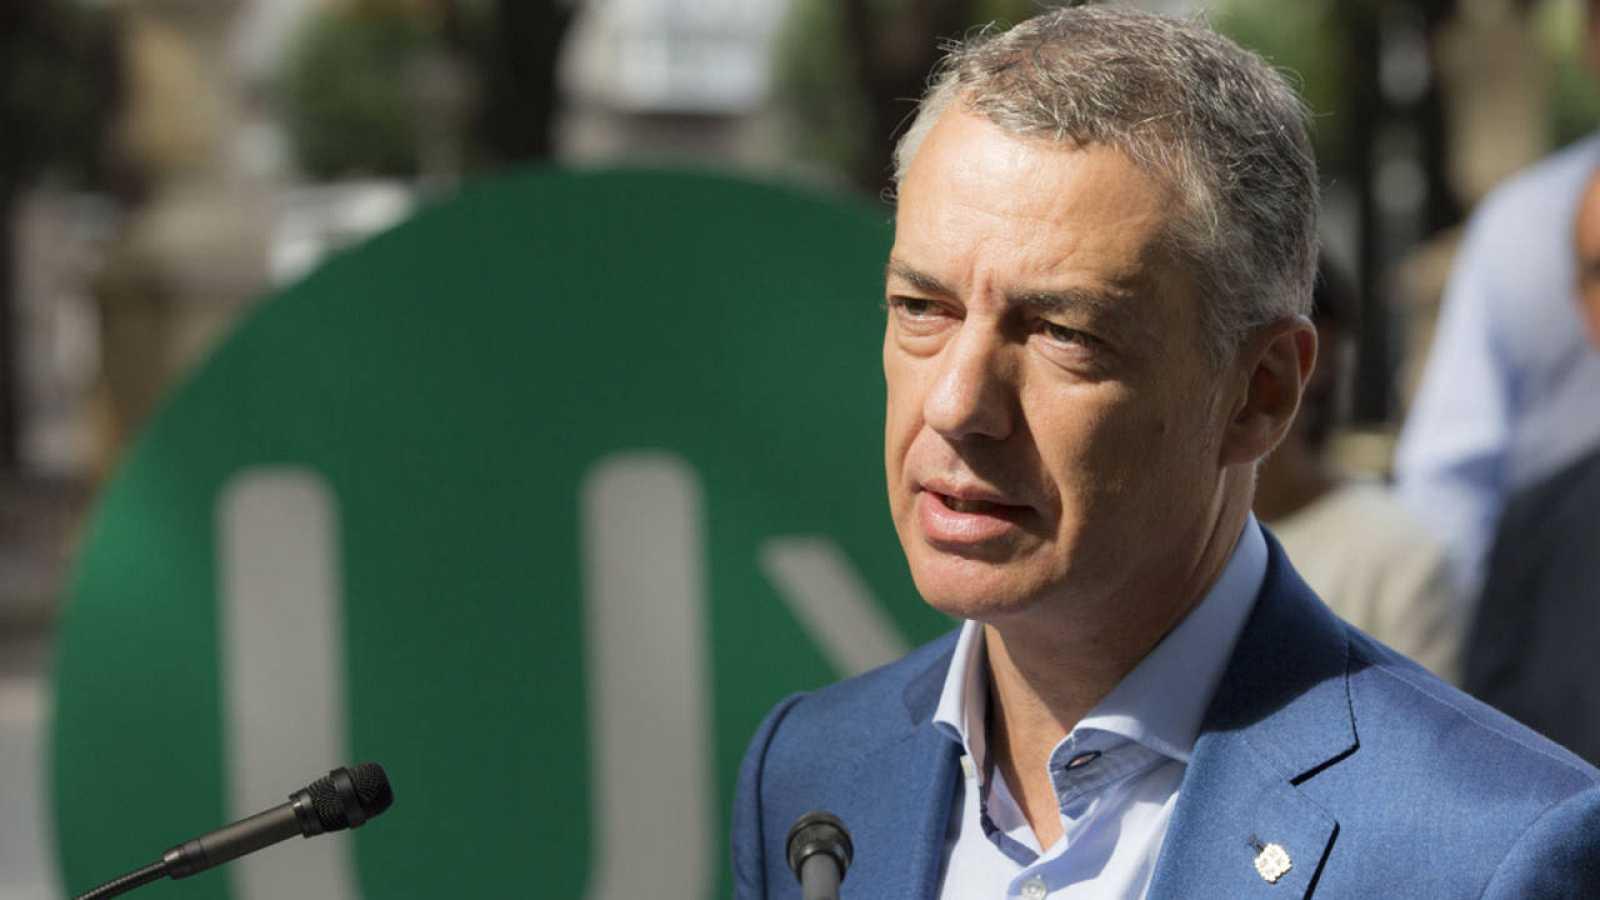 El lehendakari, Iñigo Urkullu, interviene durante un acto electoral del PNV.